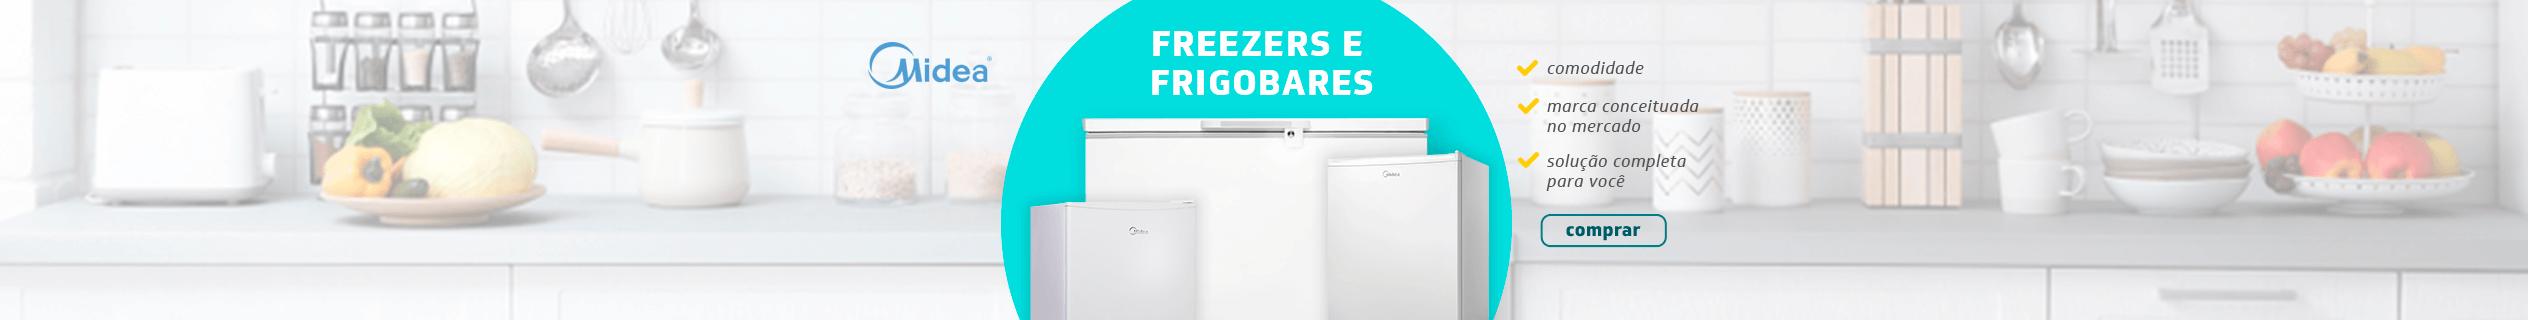 full_banner-desktop-refrigerador-1504-2204